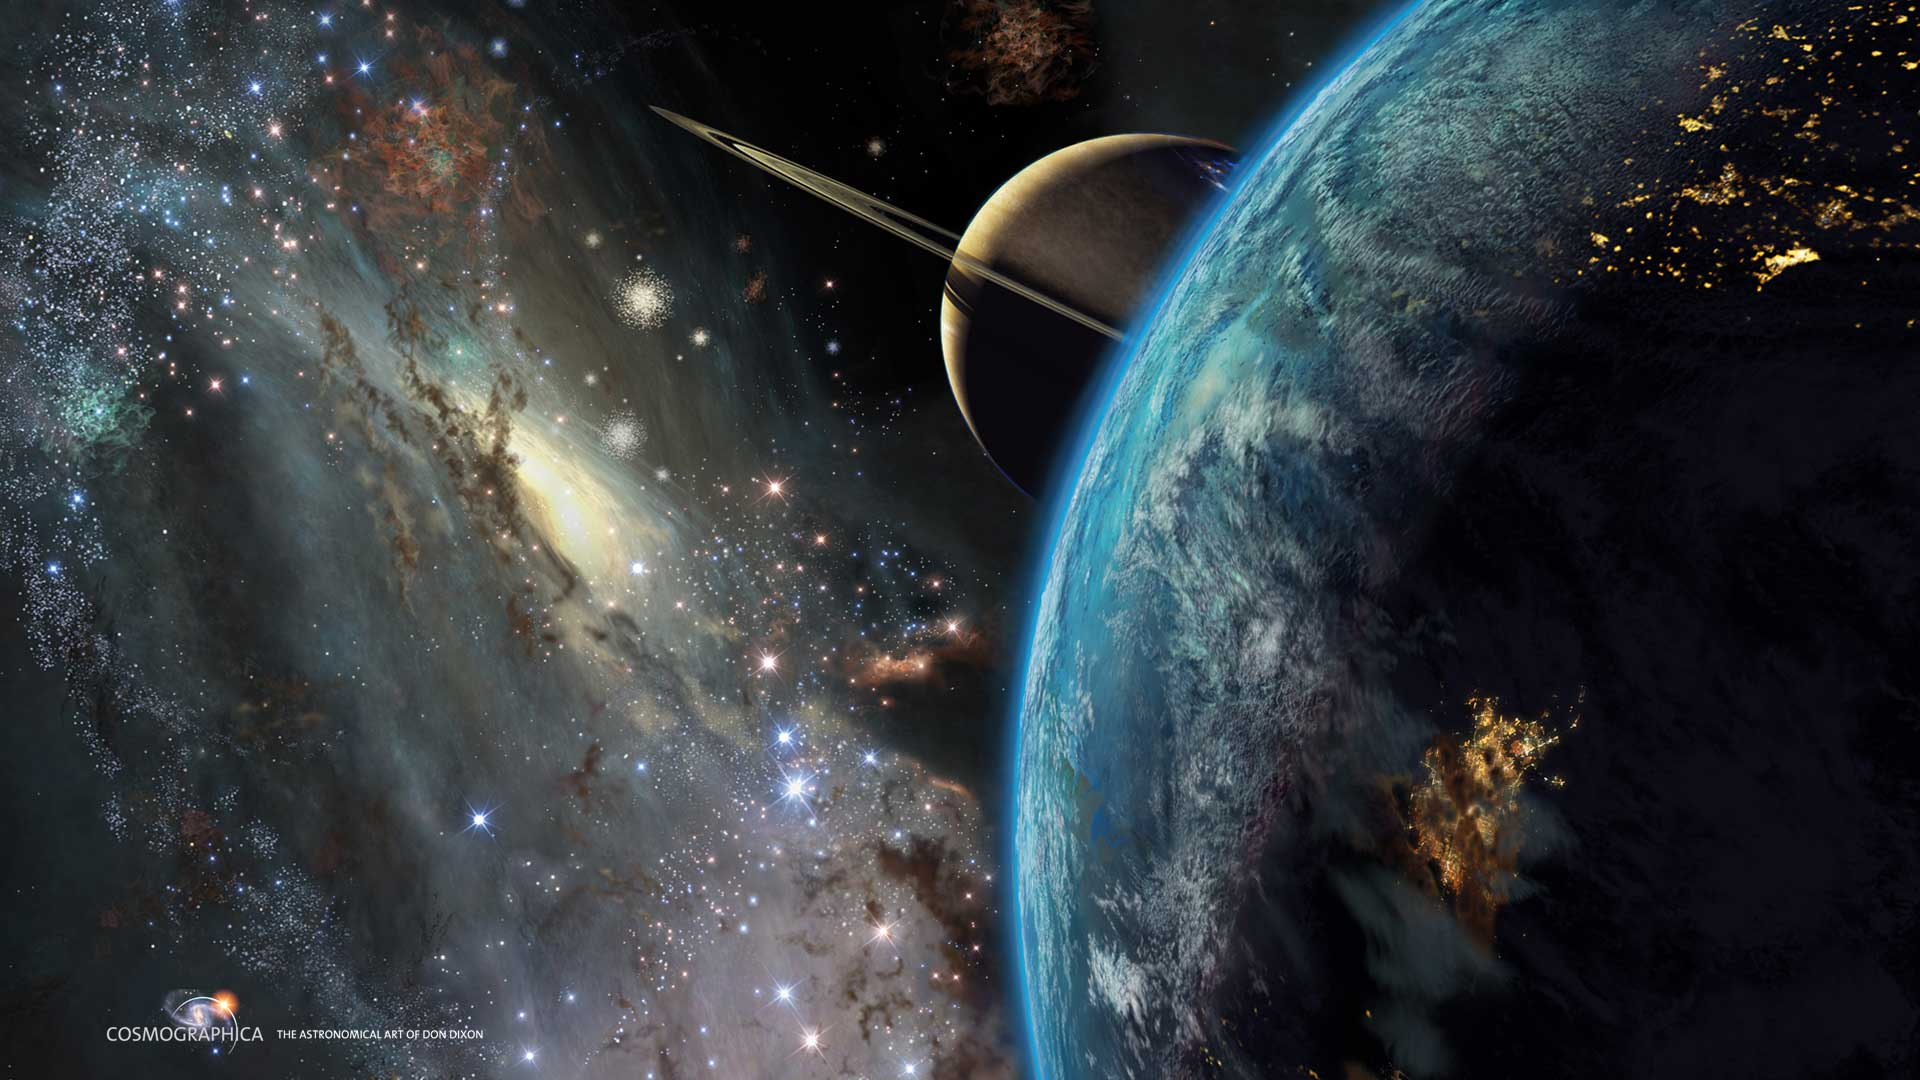 andromeda galaxy planets - HD1920×1080